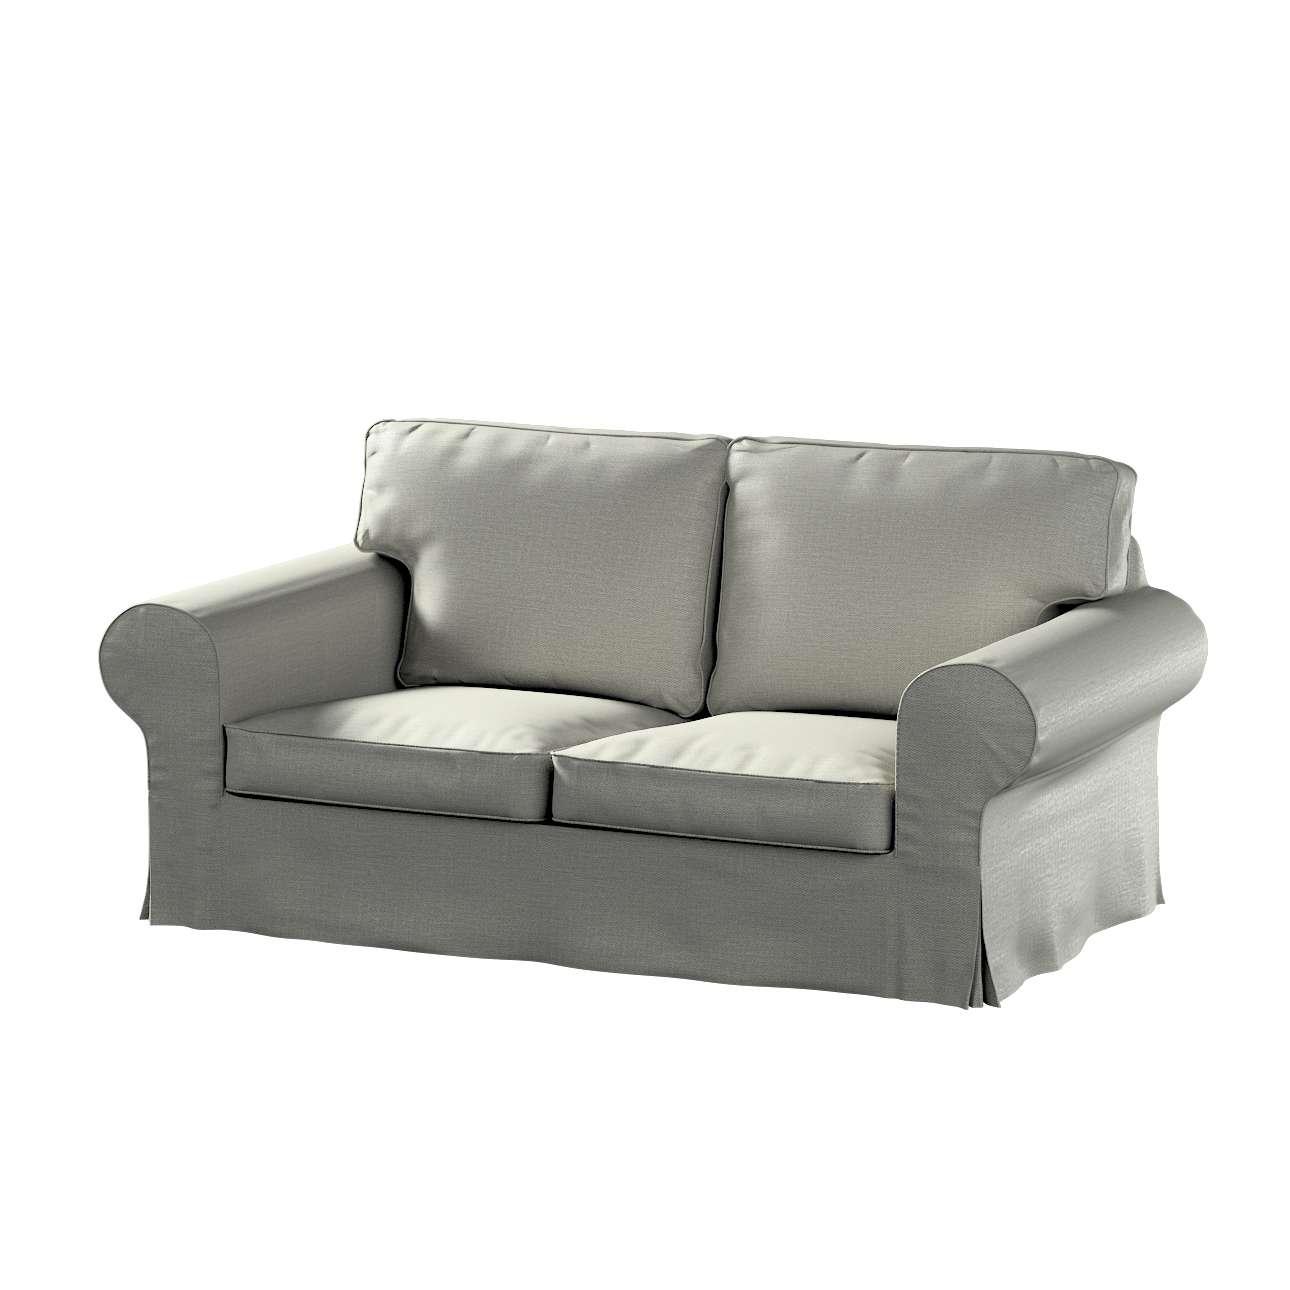 Pokrowiec na sofę Ektorp 2-osobową rozkładaną, model po 2012 w kolekcji Bergen, tkanina: 161-83